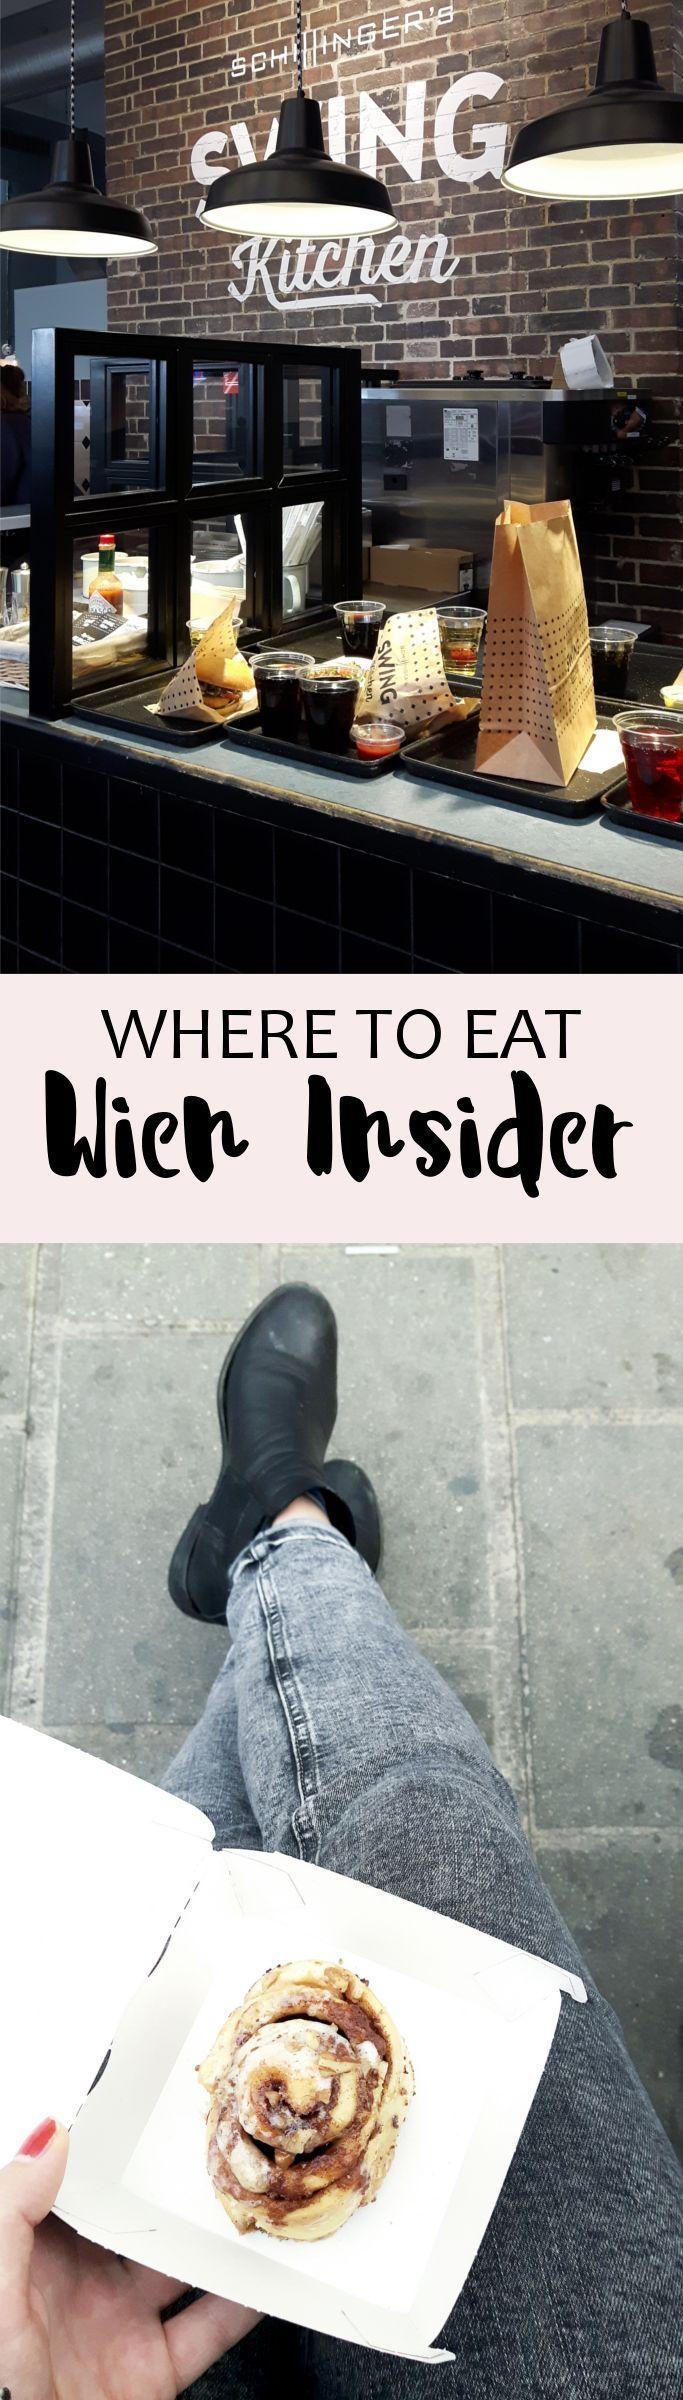 Wien Insider